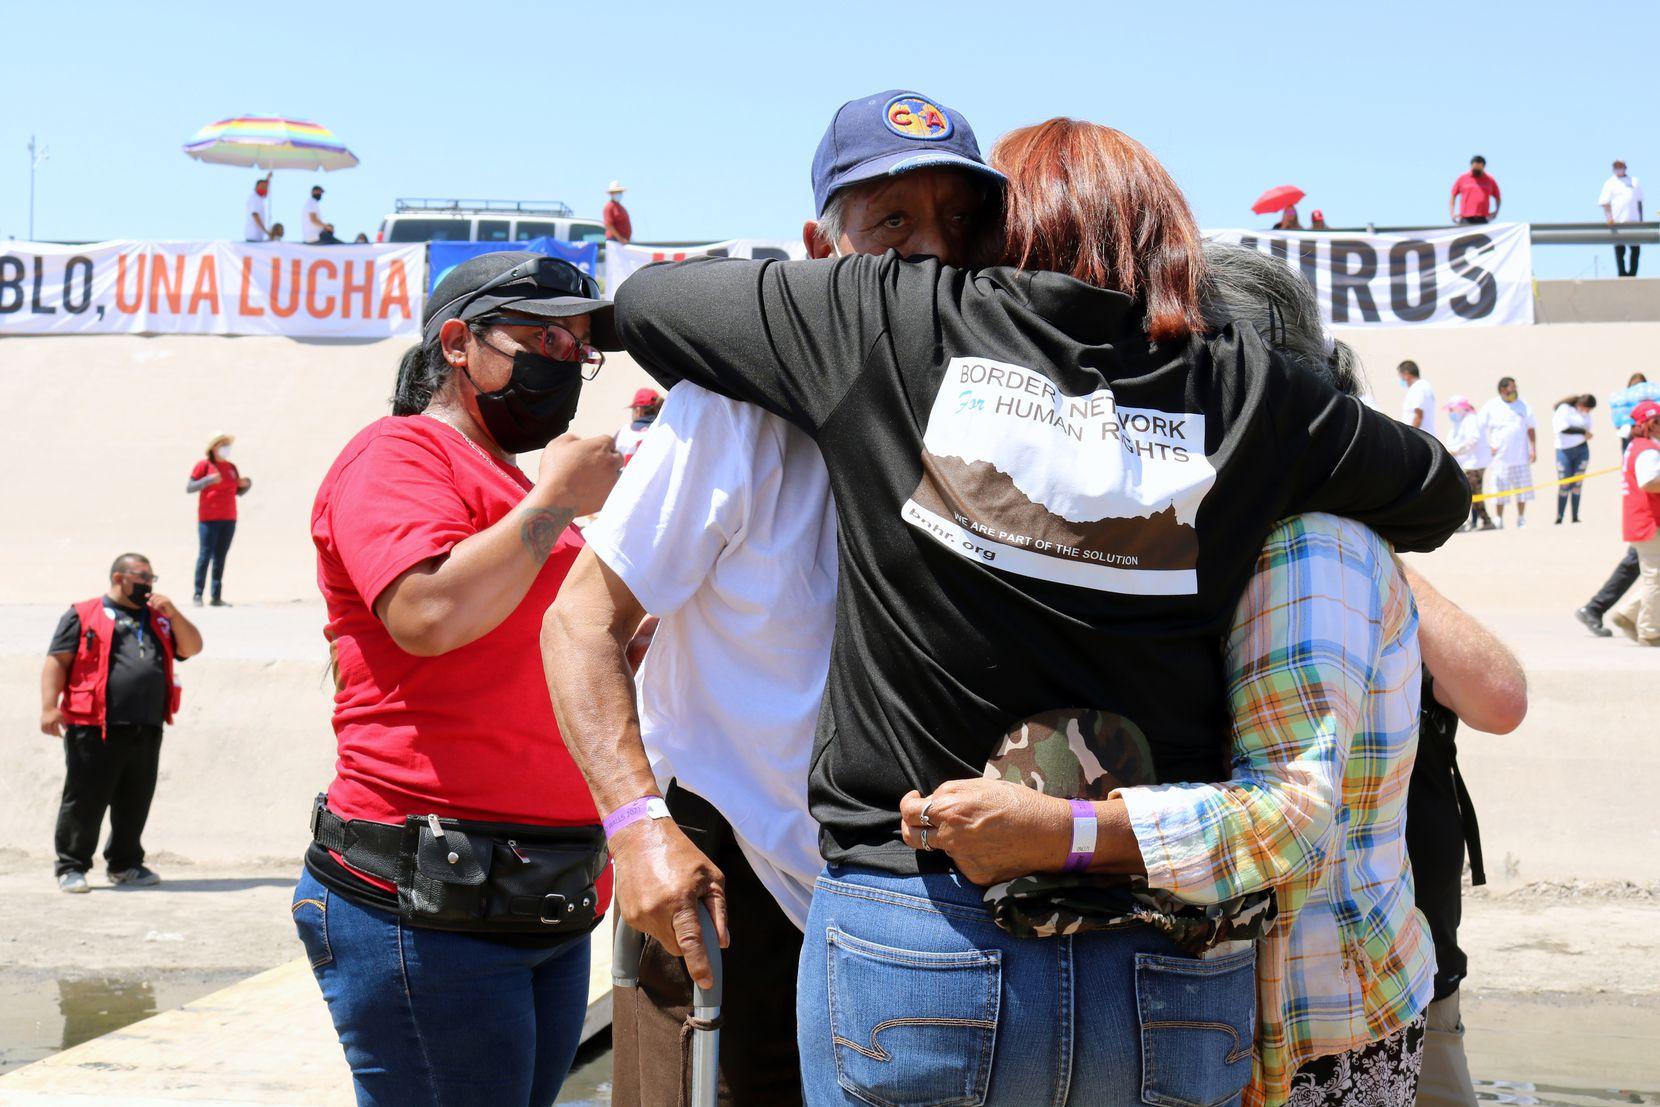 """María Cecilia """"Ceci"""" Rueda, de 41 años, abraza a su padre José de 76 años y a otra persona no identificada durante el evento """"Abrazos no Muros"""" en el Río Grande que divide El Paso de Ciudad Juárez, el sábado 19 de junio de 2021."""